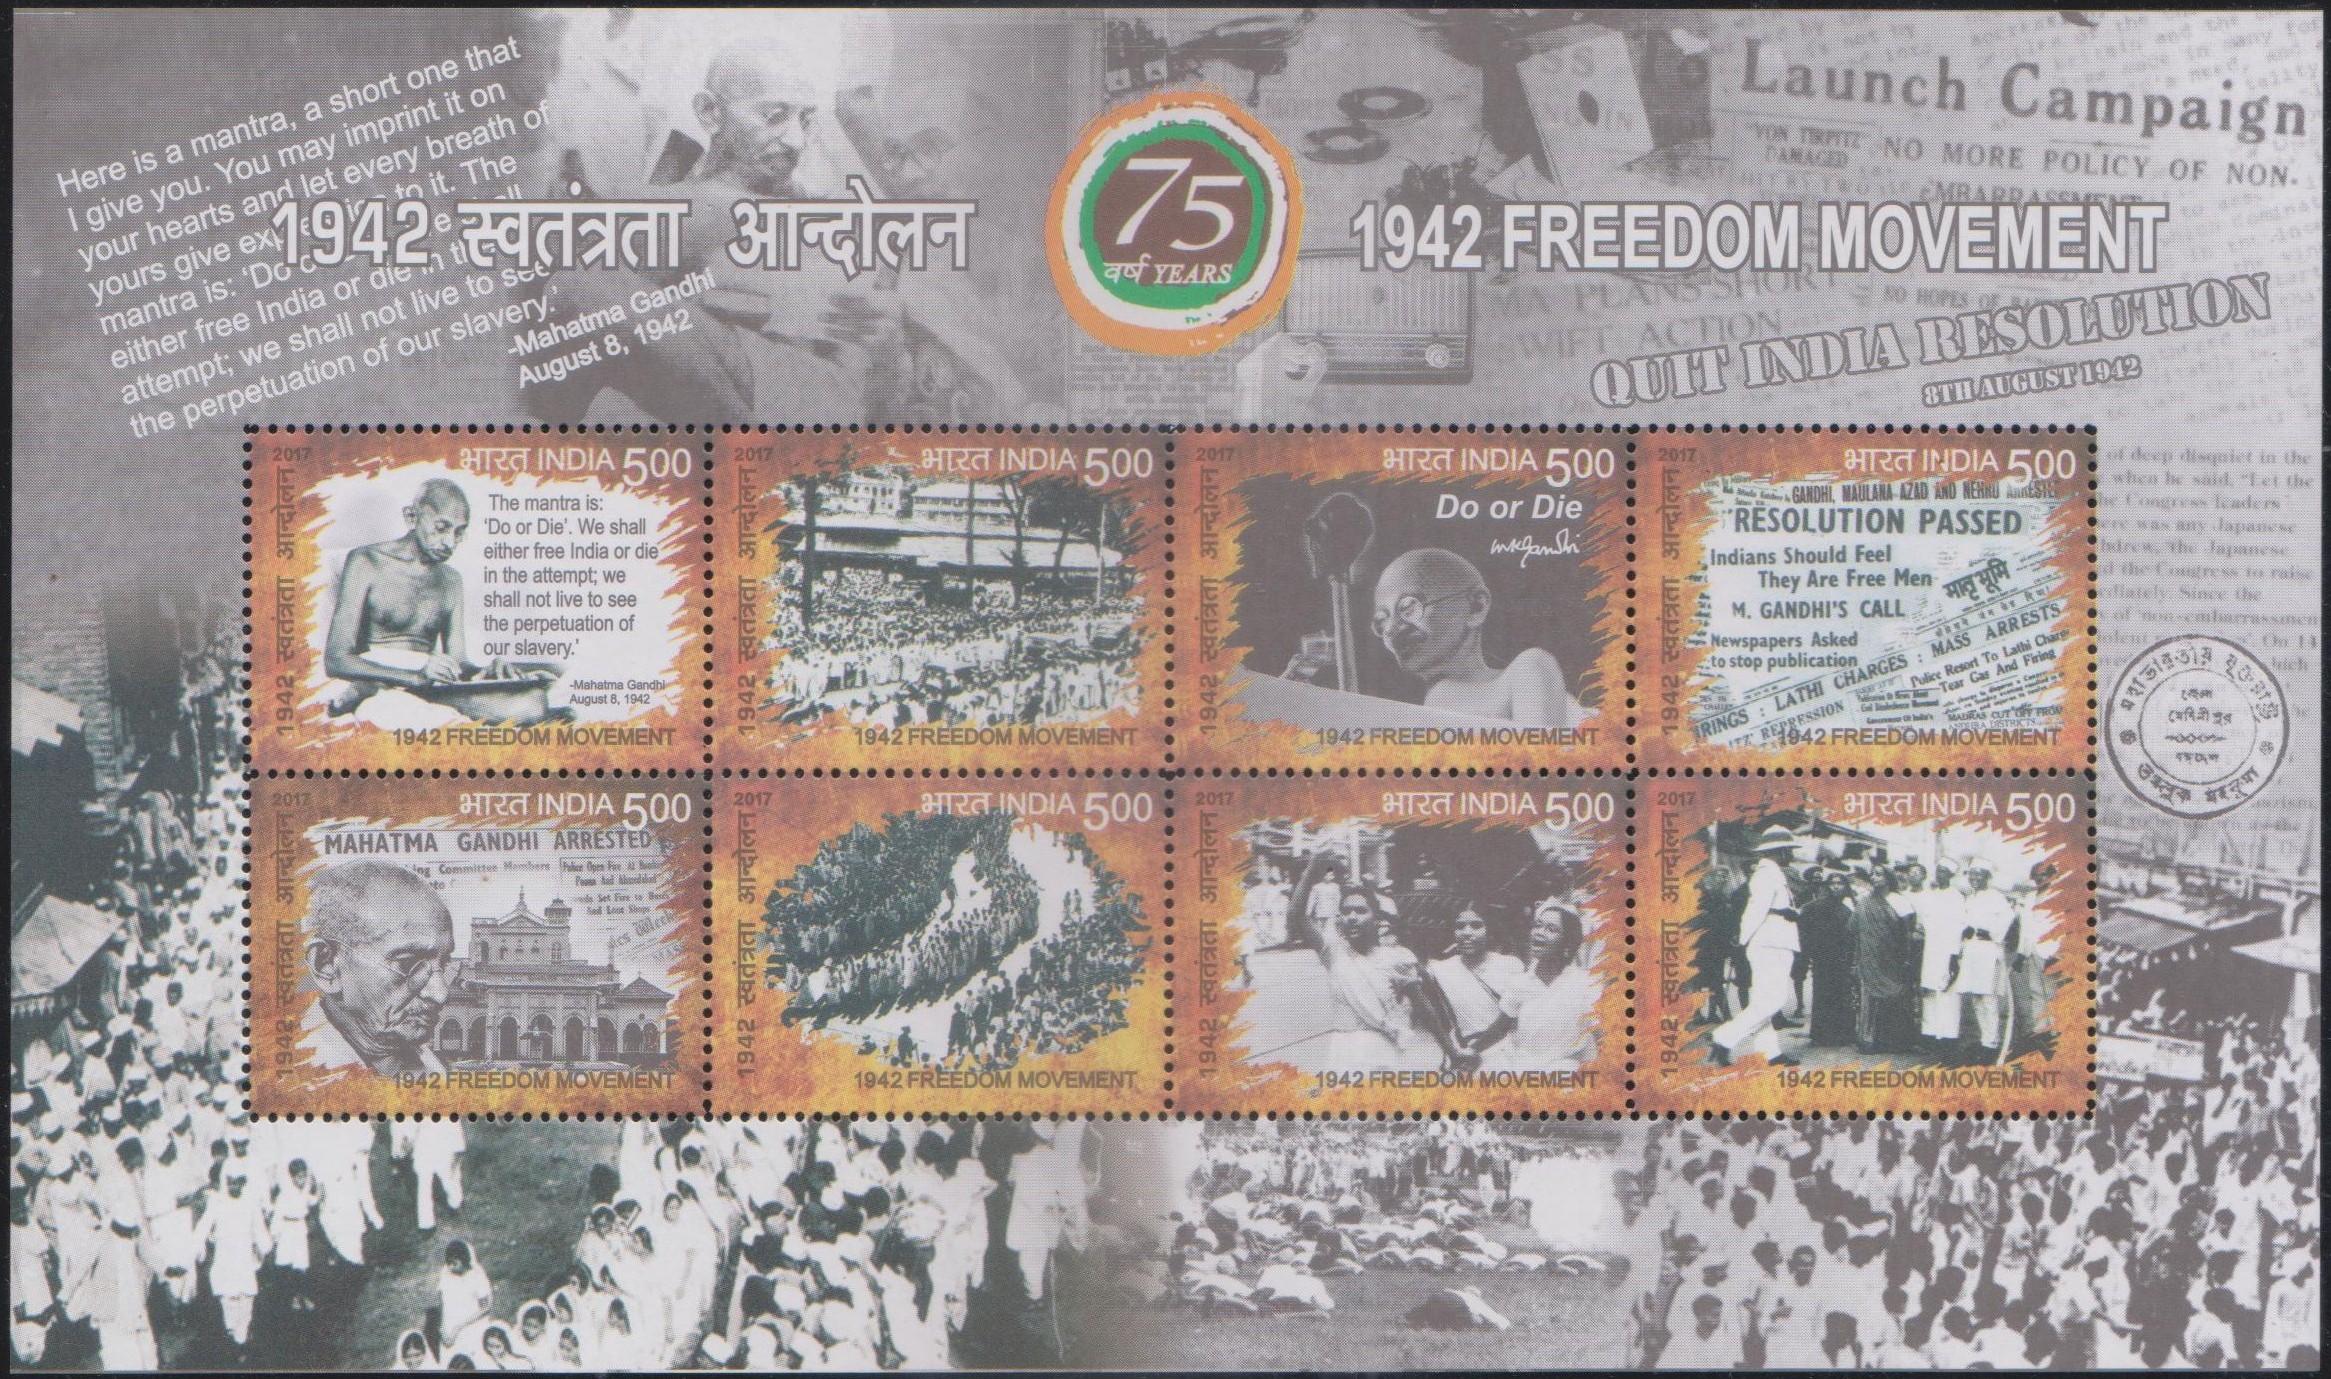 भारत छोड़ो आन्दोलन : भारतीय स्वतंत्रता संग्राम : महात्मा गांधी